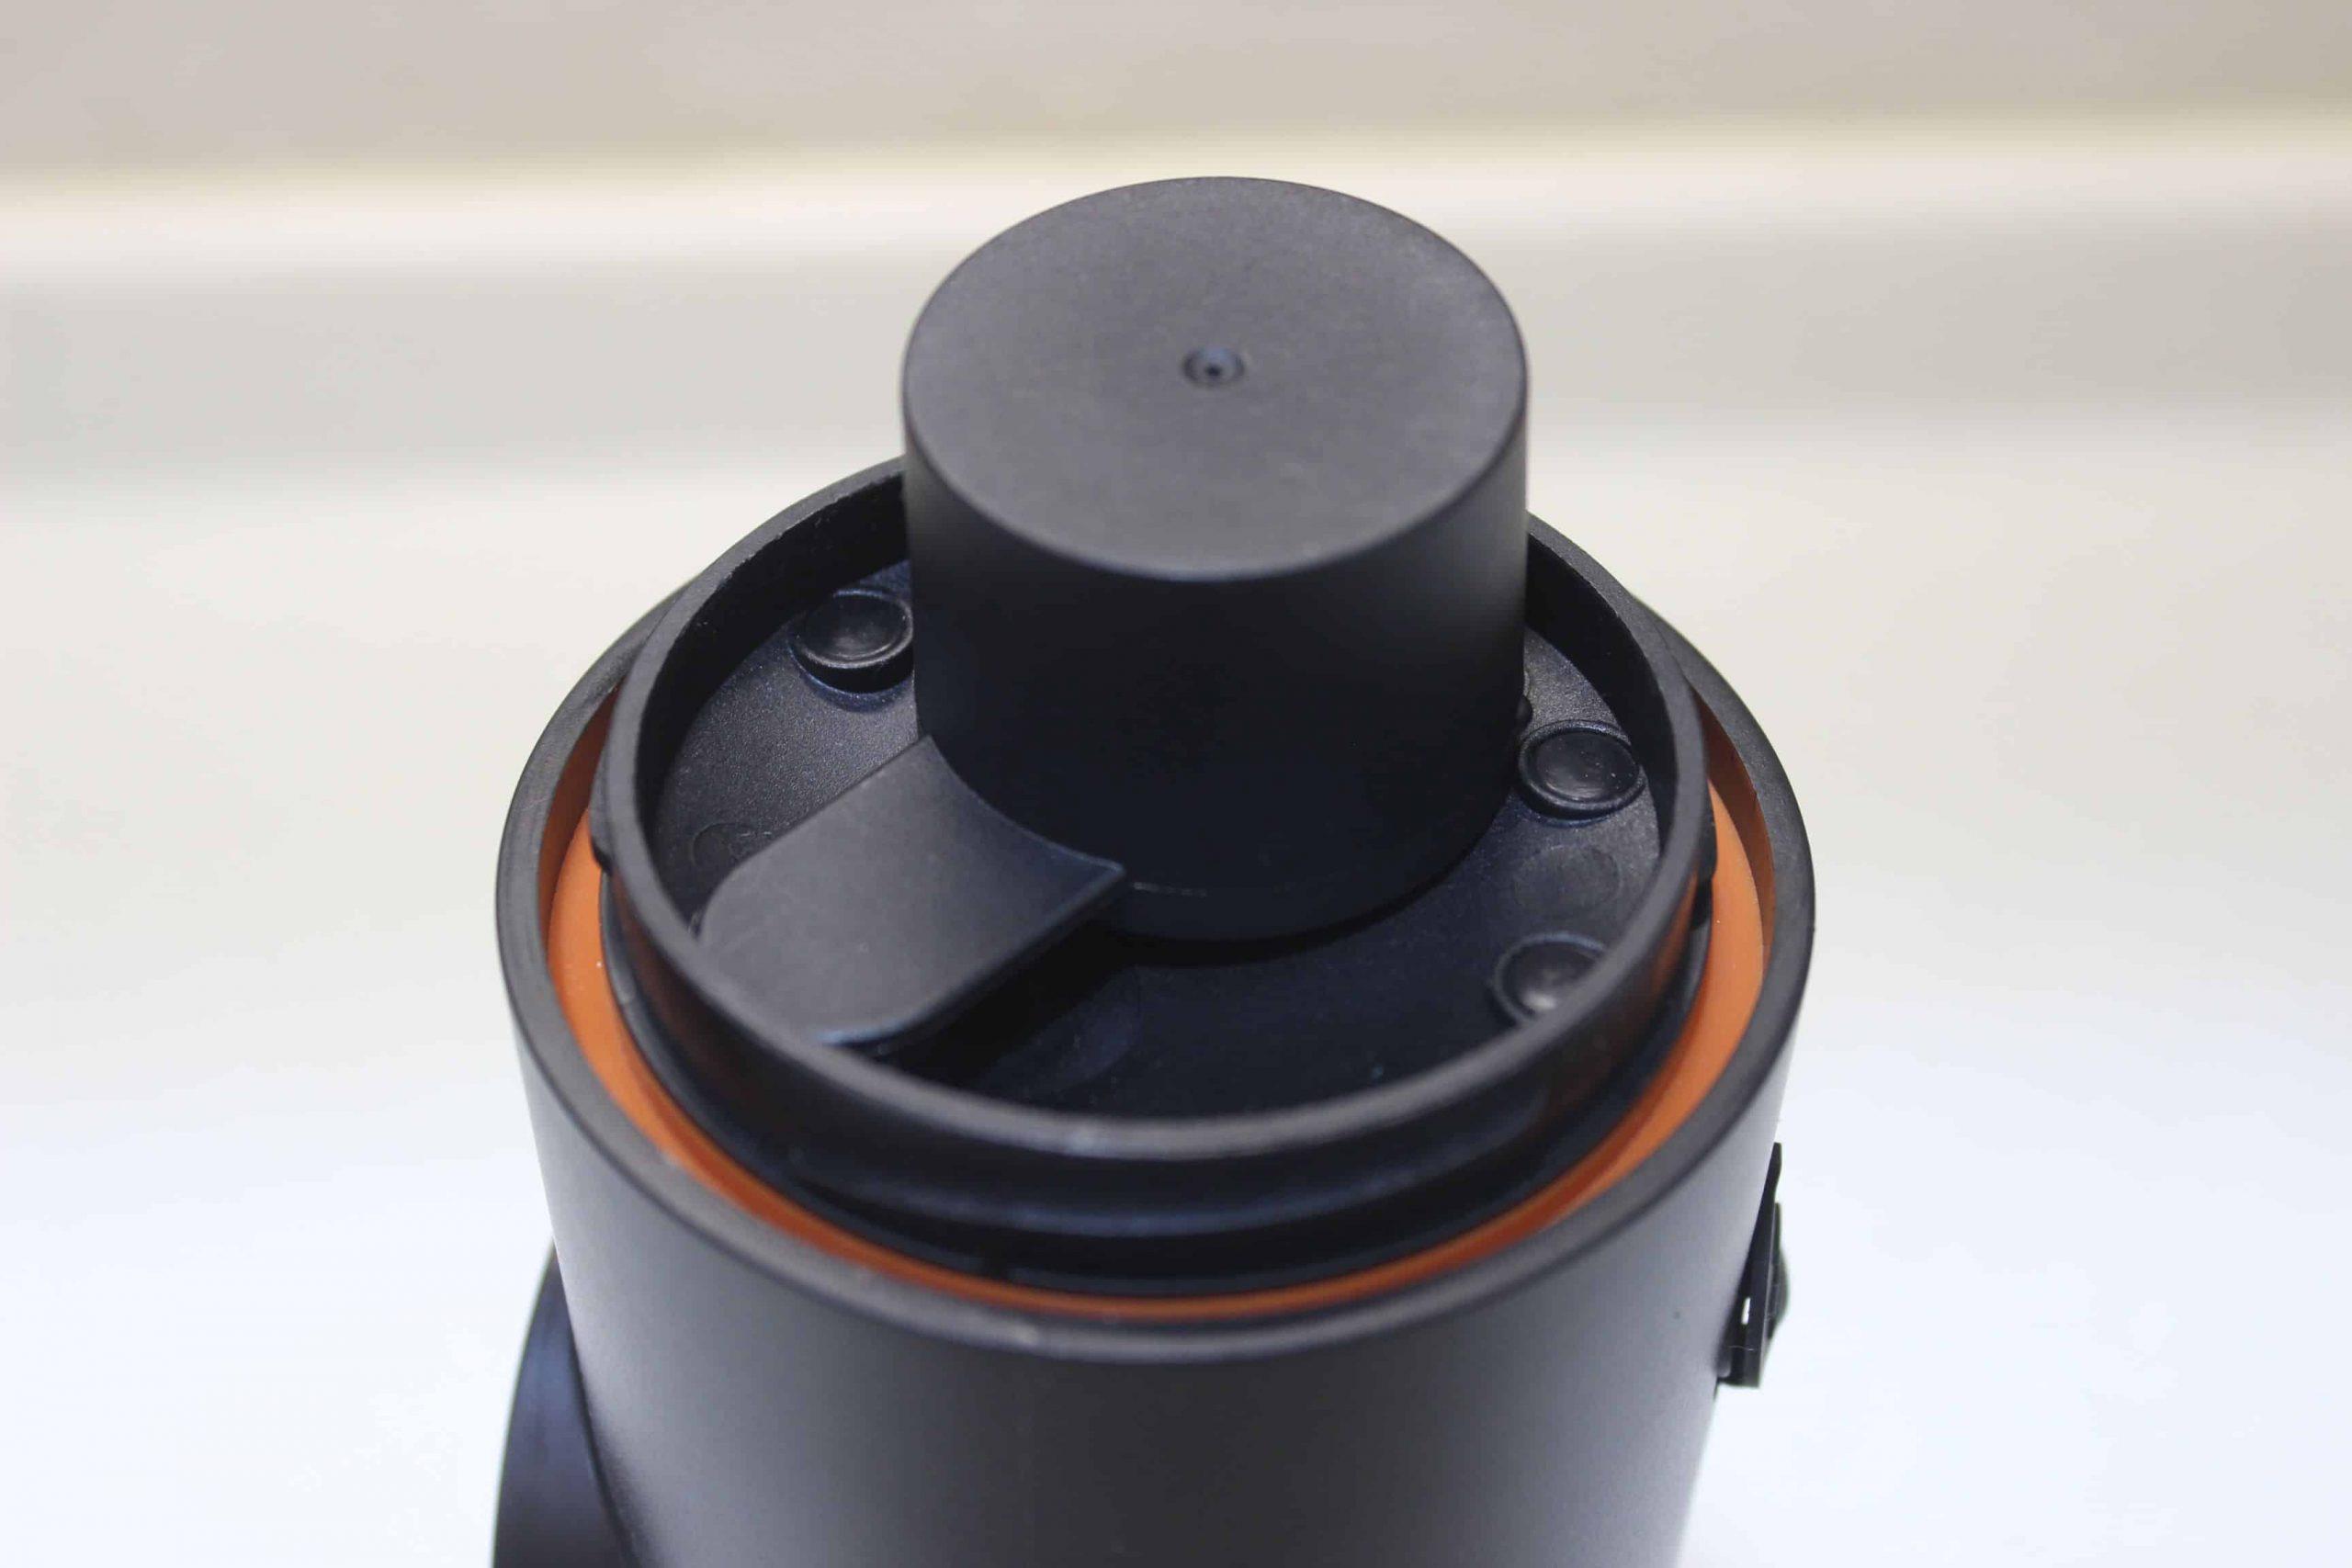 WinkGo 隨身電動濃縮咖啡機